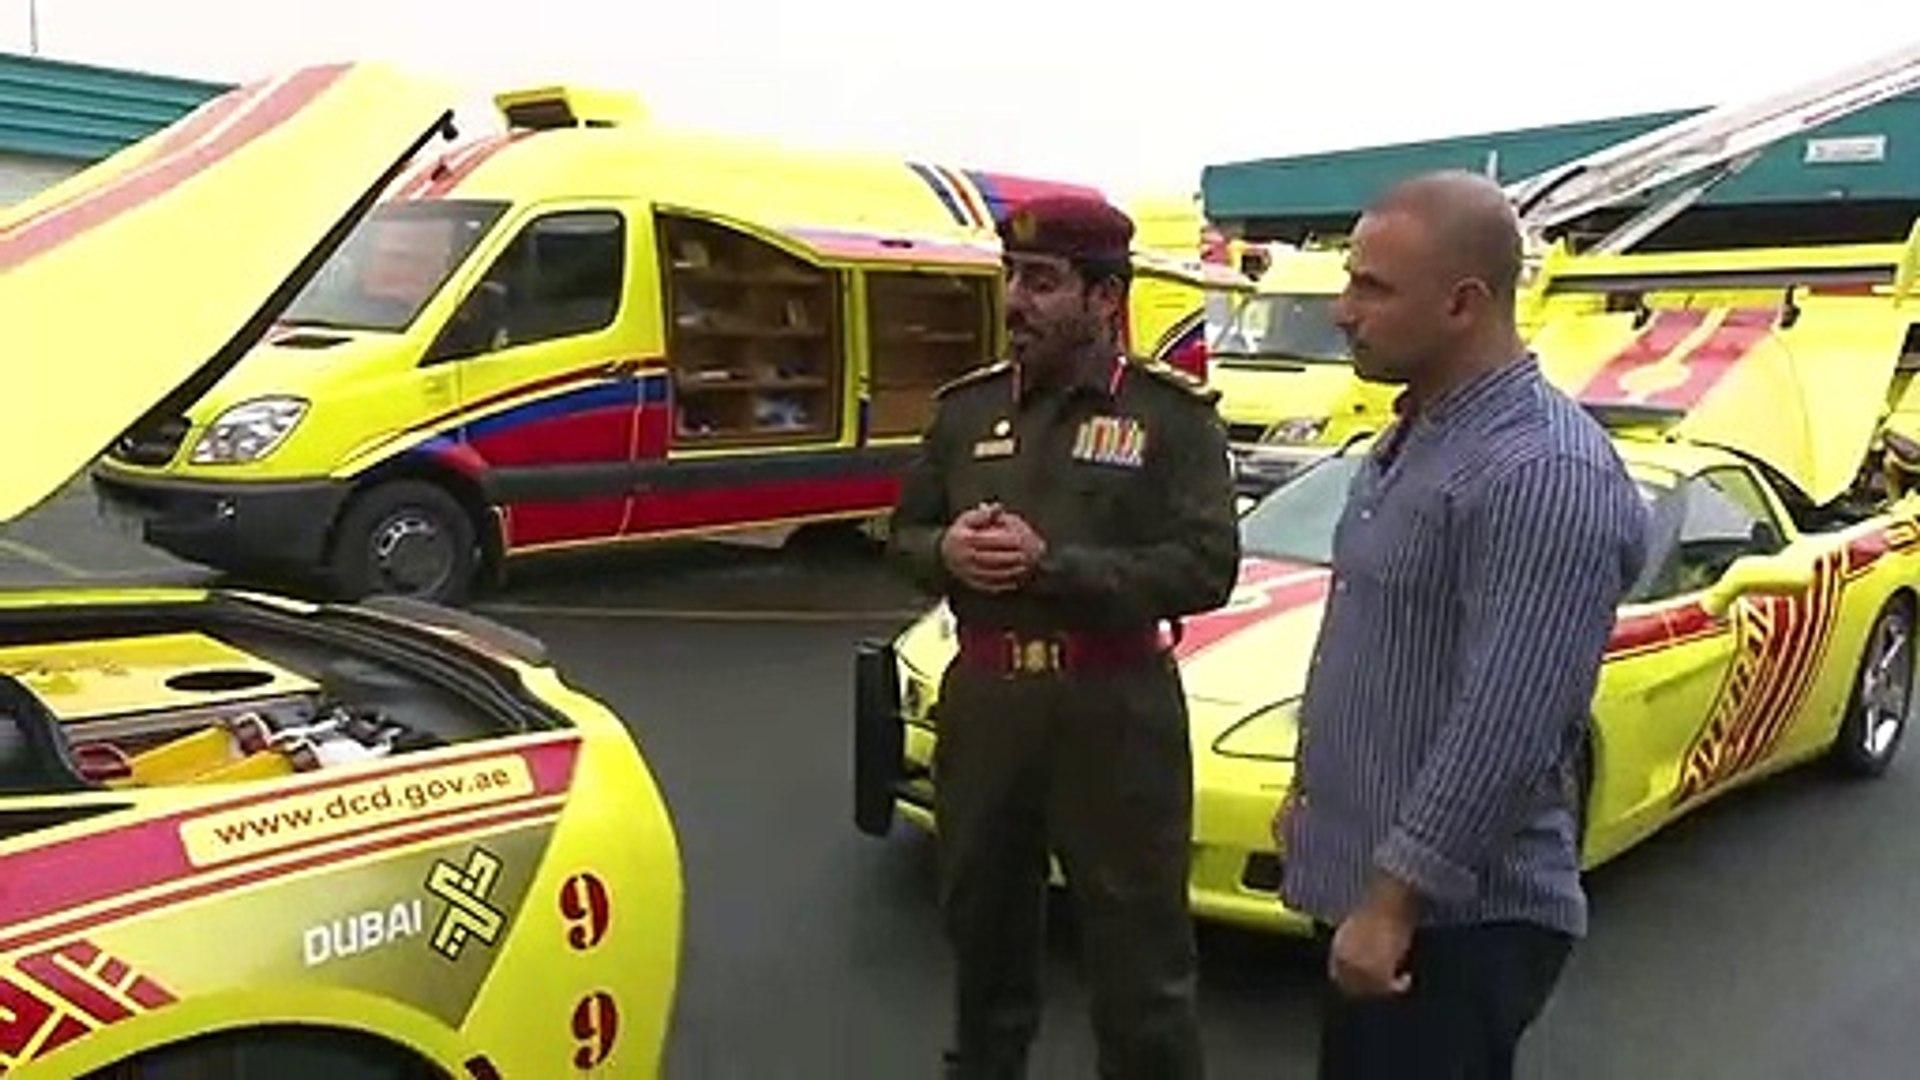 سيارات حديثة في دبي تحتوي على تقنيات متطورة لإطفاء الحرائق بمختلف أنواعها